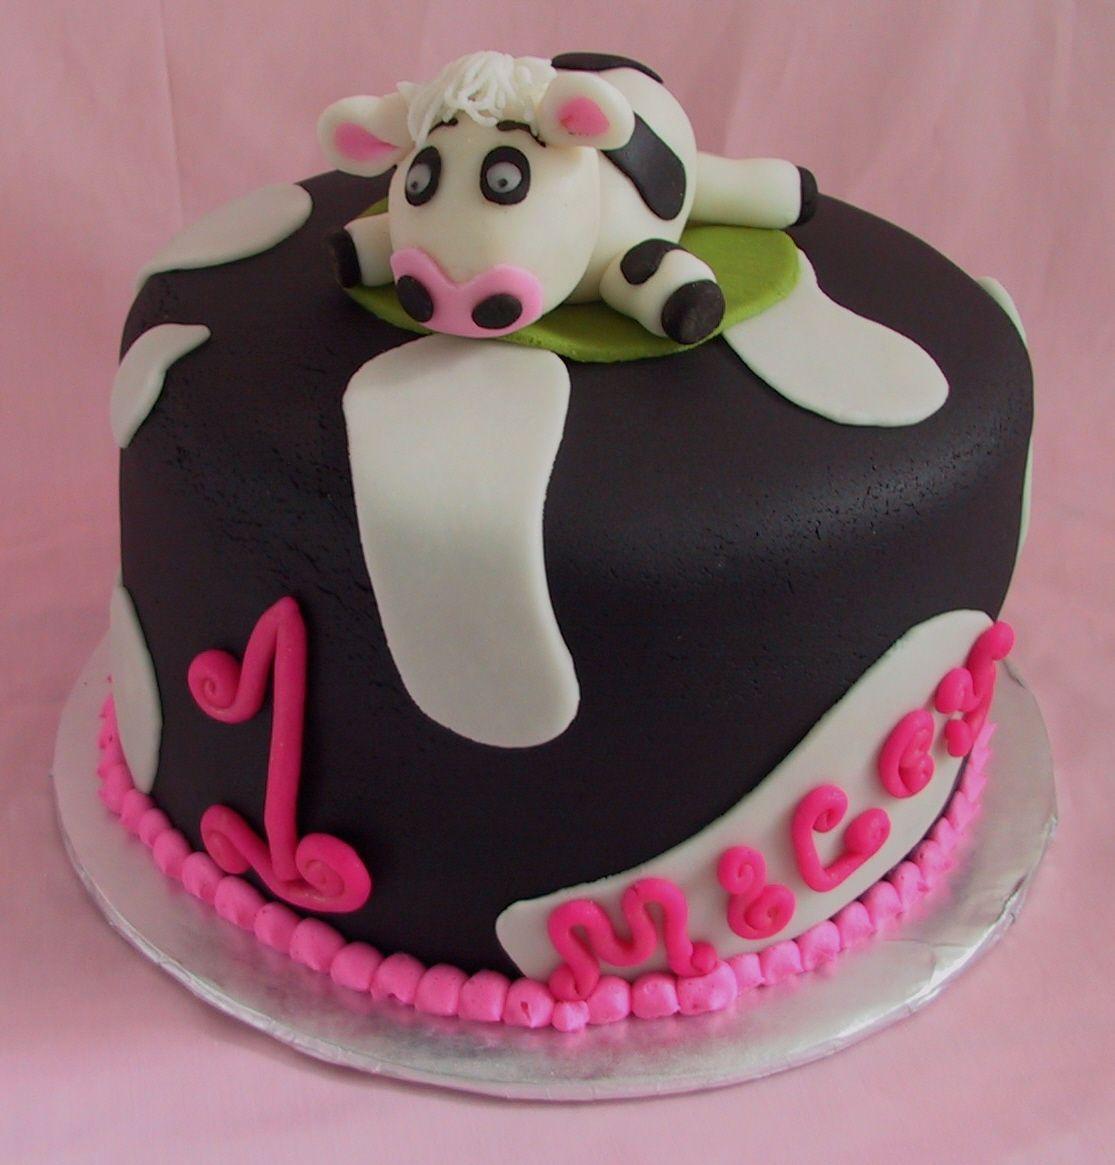 Sofia the first birthday cakes | Darme cuenta de estas 25 cosas sobre la Anorexia-Bulimia me ayudaron a ...